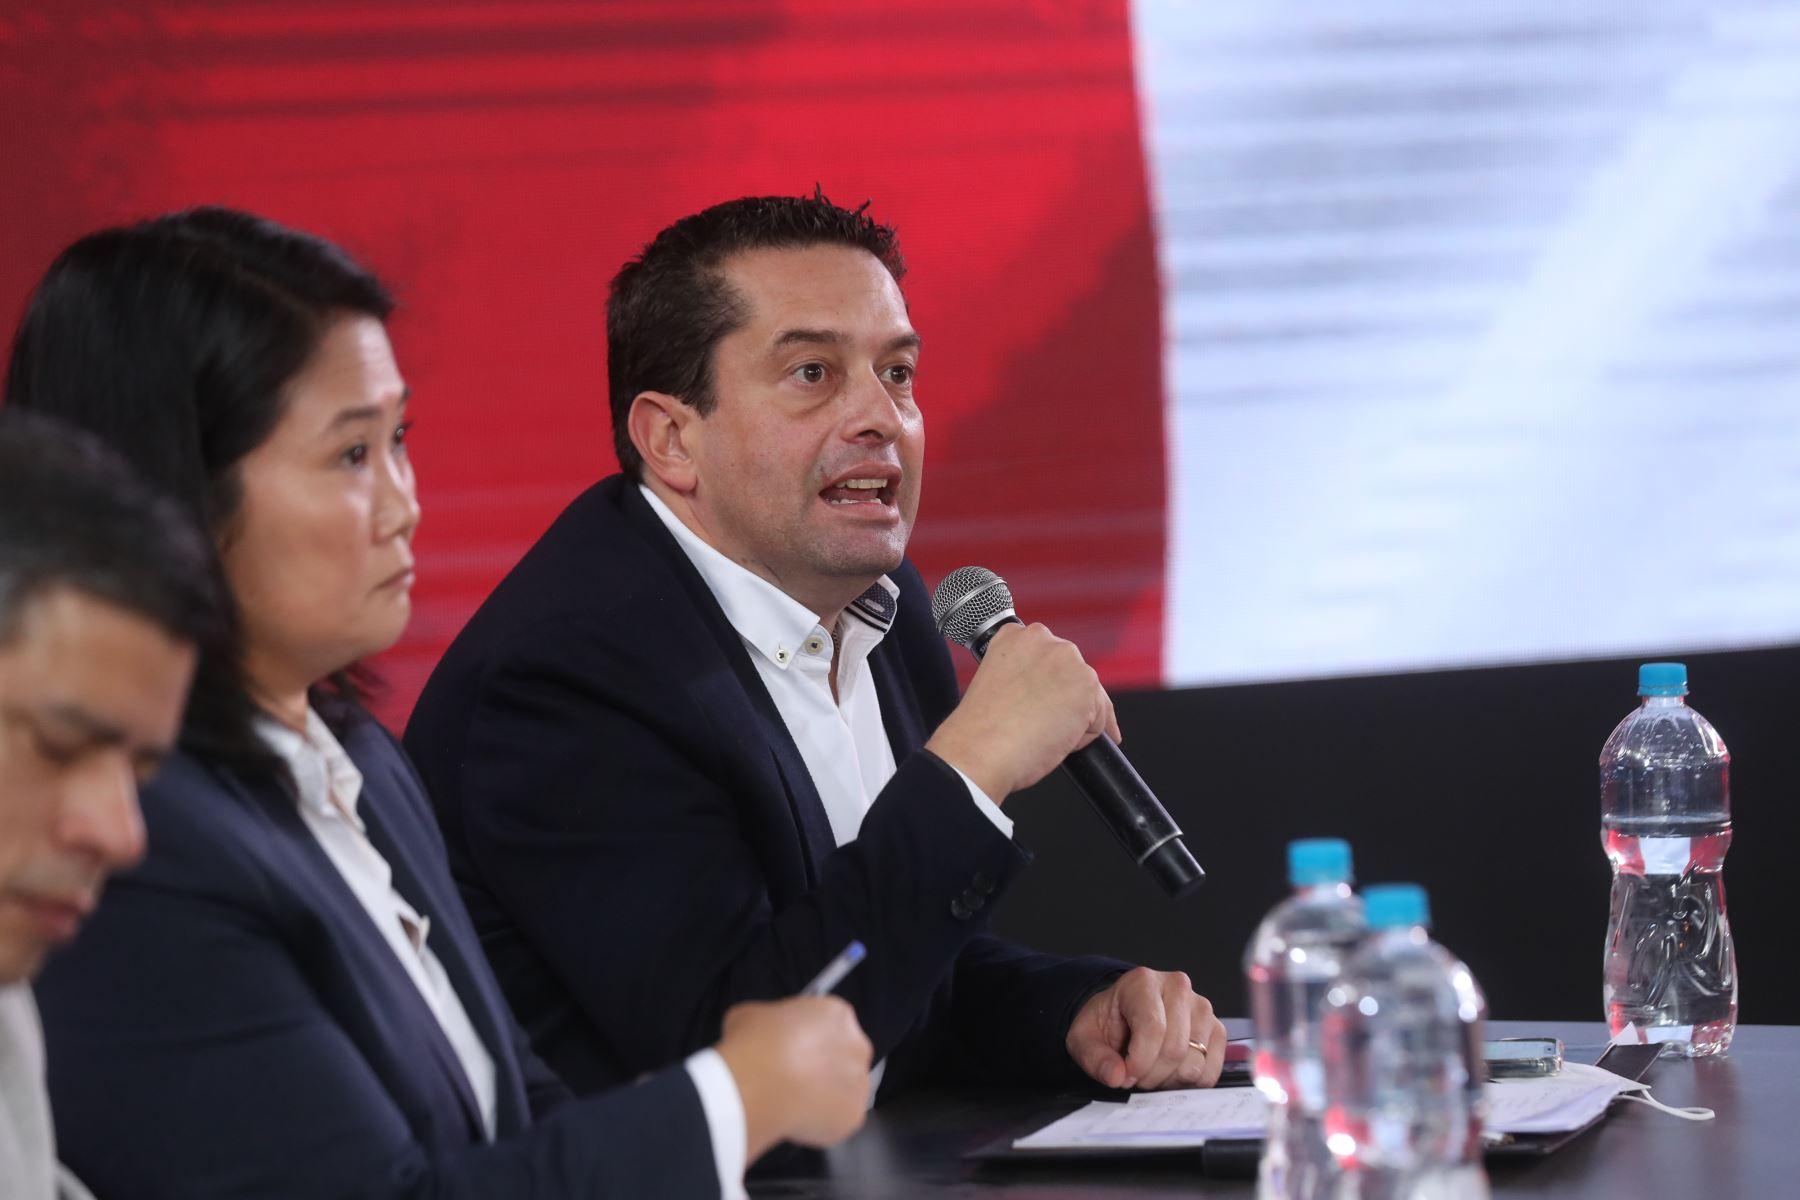 Vocero de FP, Miguel Torres, durante la conferencia de prensa de la candidata a la presidencia, Keiko Fujimori. Foto: ANDINA/Carla Patiño Ramírez